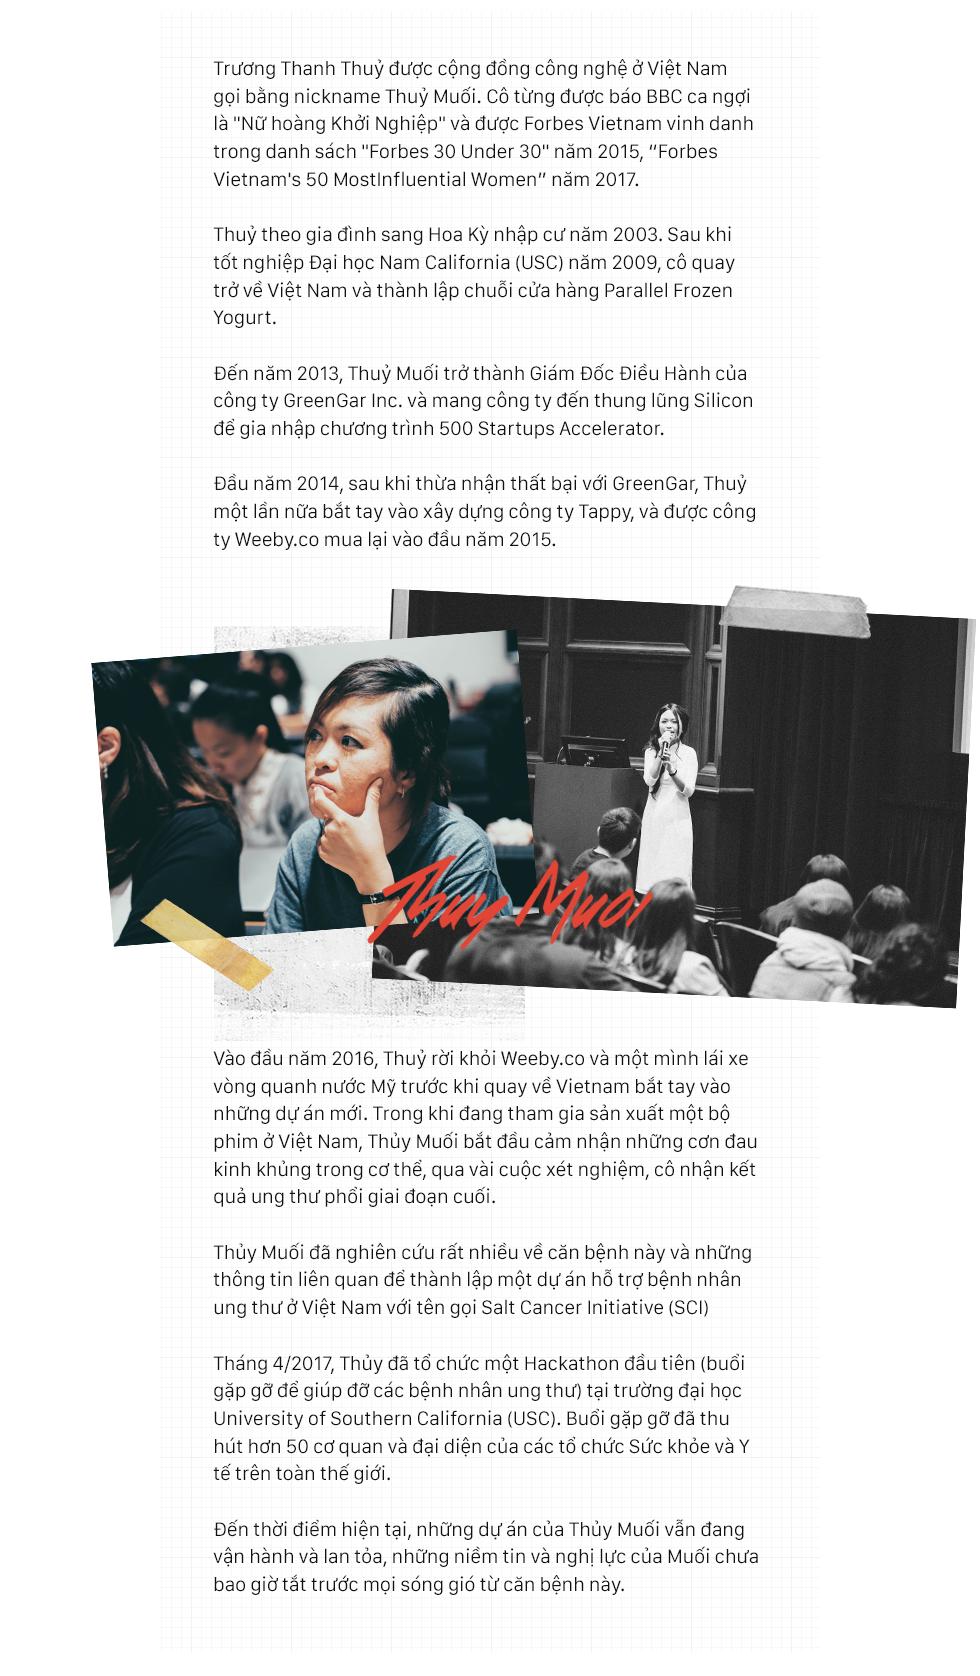 Nữ hoàng startup Thủy Muối: Bước vào trận chiến cận tử từ con số 0 và tái sinh sau một năm chiến đấu với ung thư - Ảnh 5.